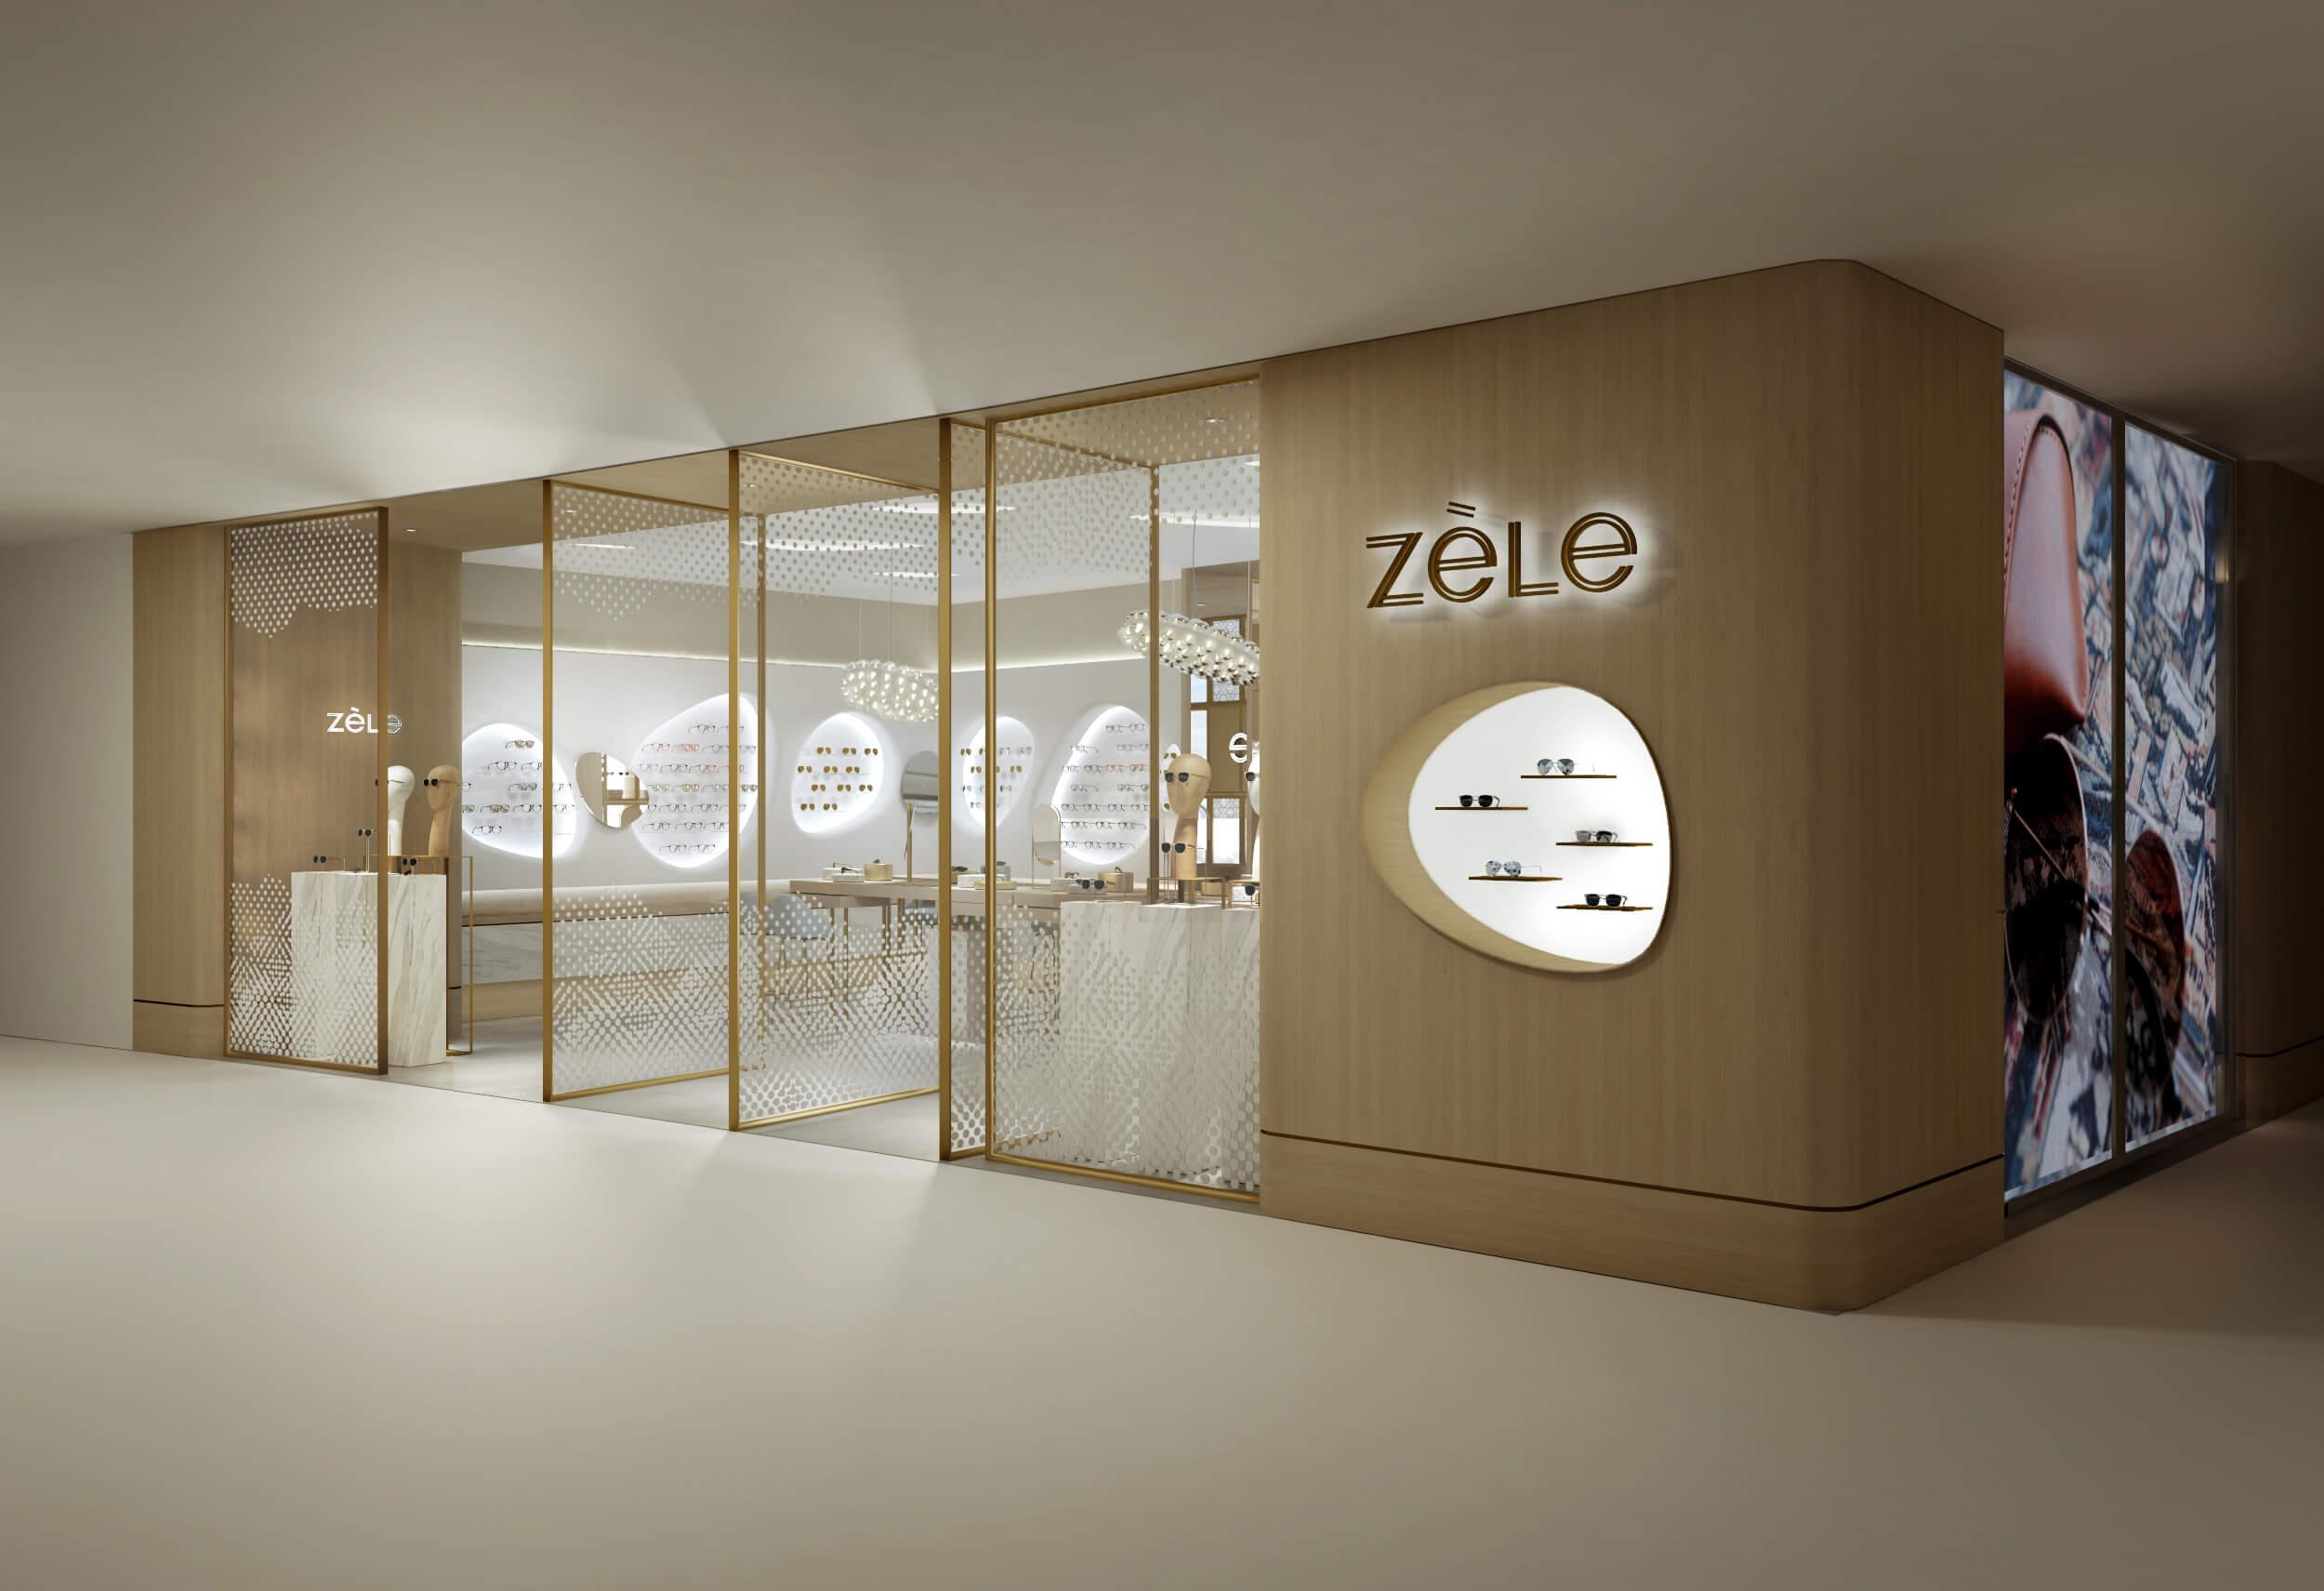 zele2